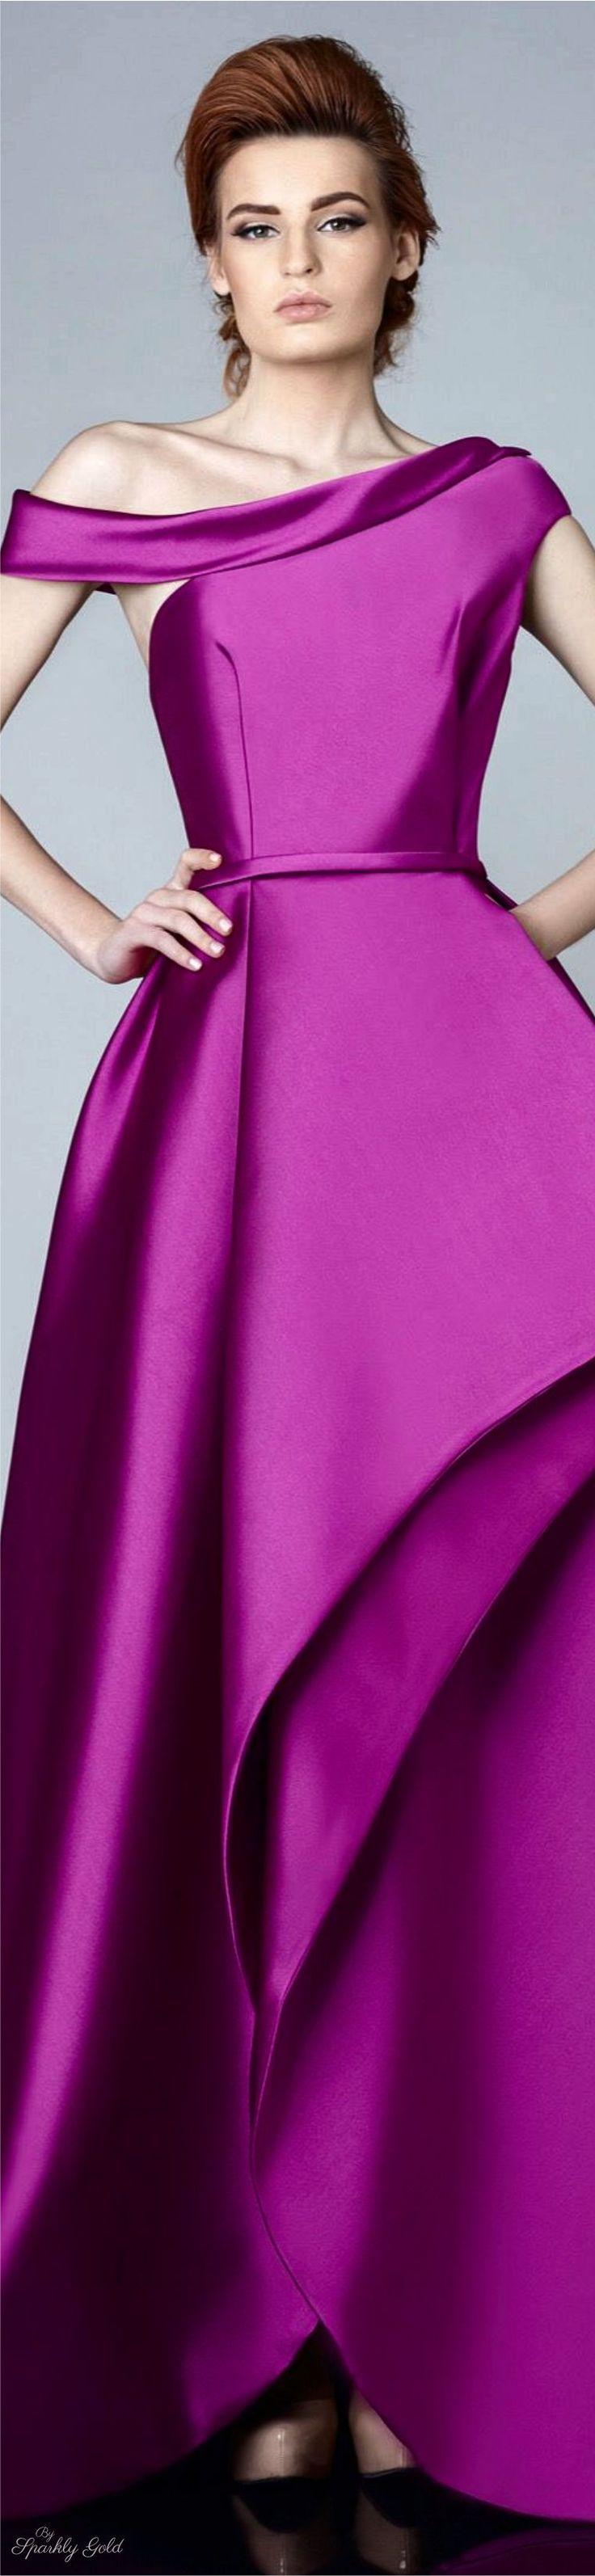 Mejores 68 imágenes de vestidos rojos en Pinterest | Vestidos rojos ...